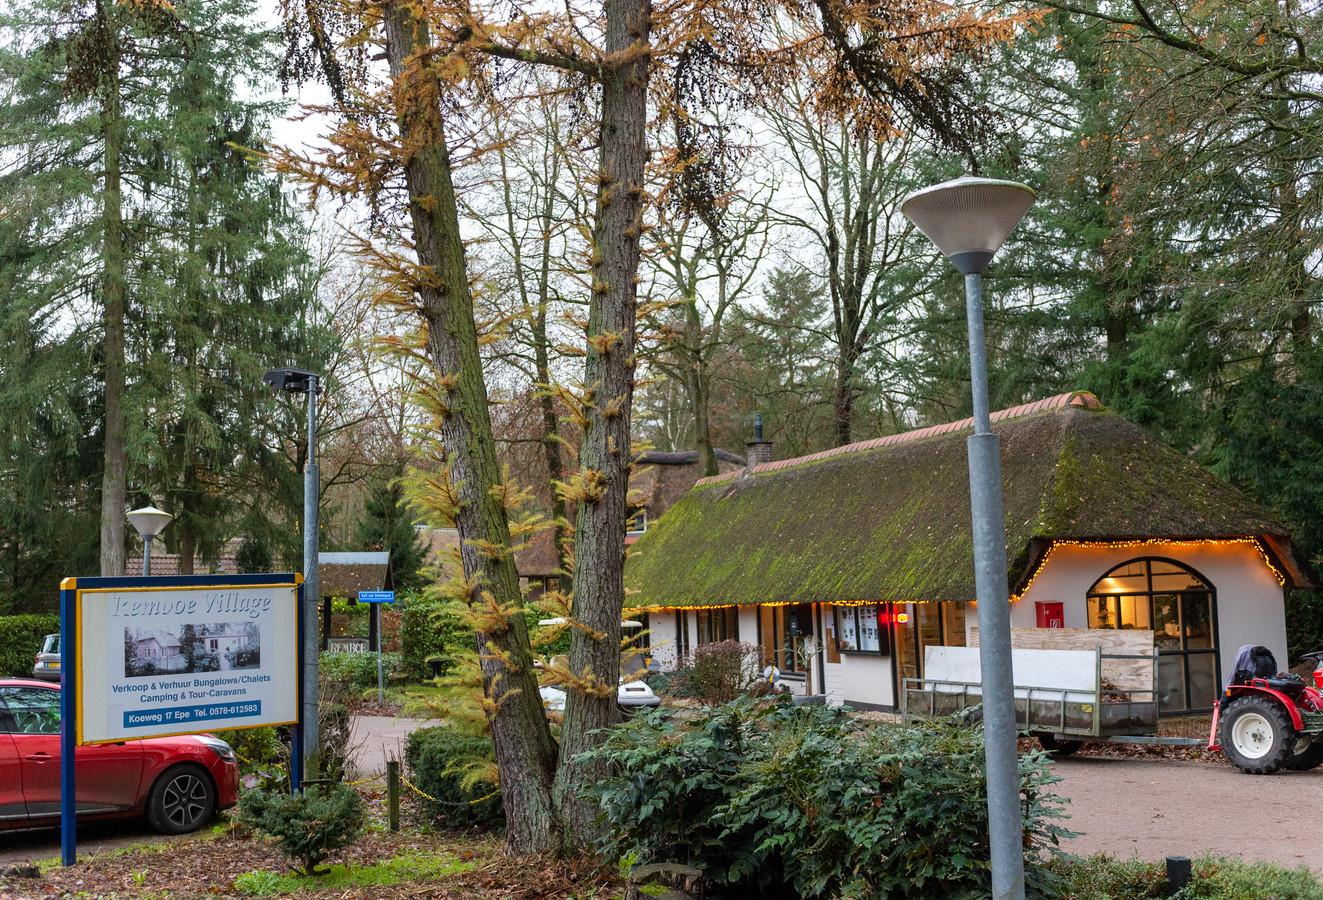 Vakantiepark Remboe Village in Wissel.